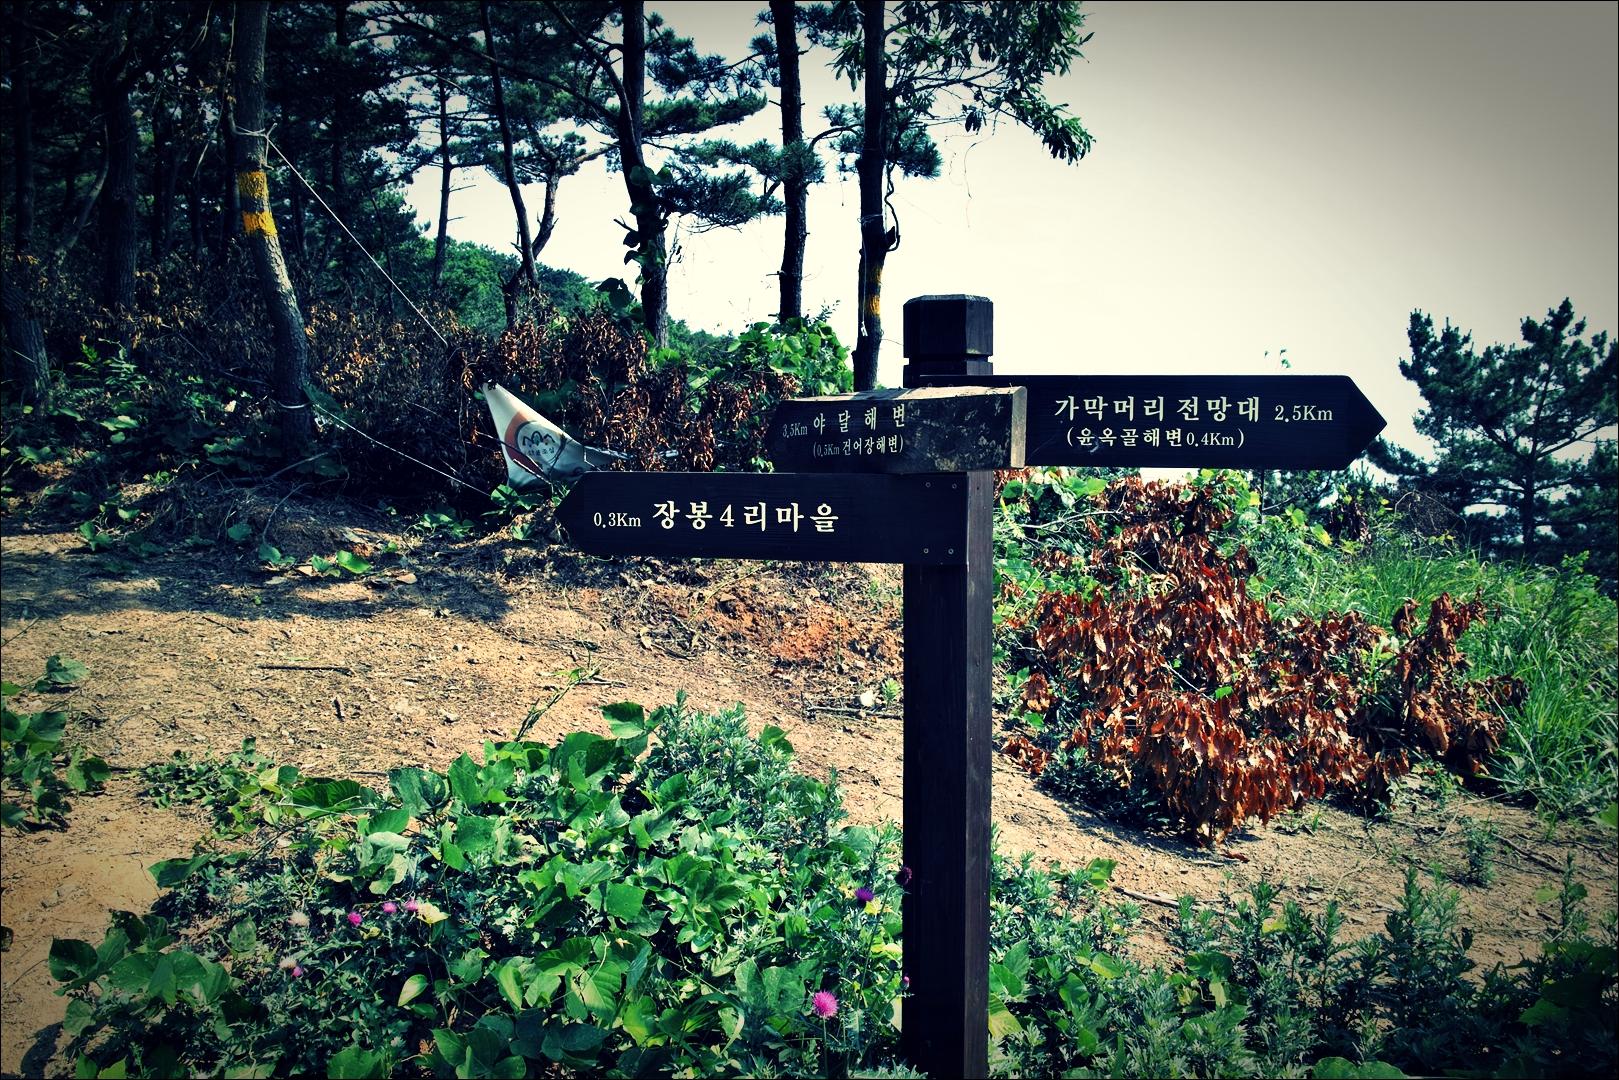 이정표-'장봉도 백패킹 Jangbongdo Backpacking'